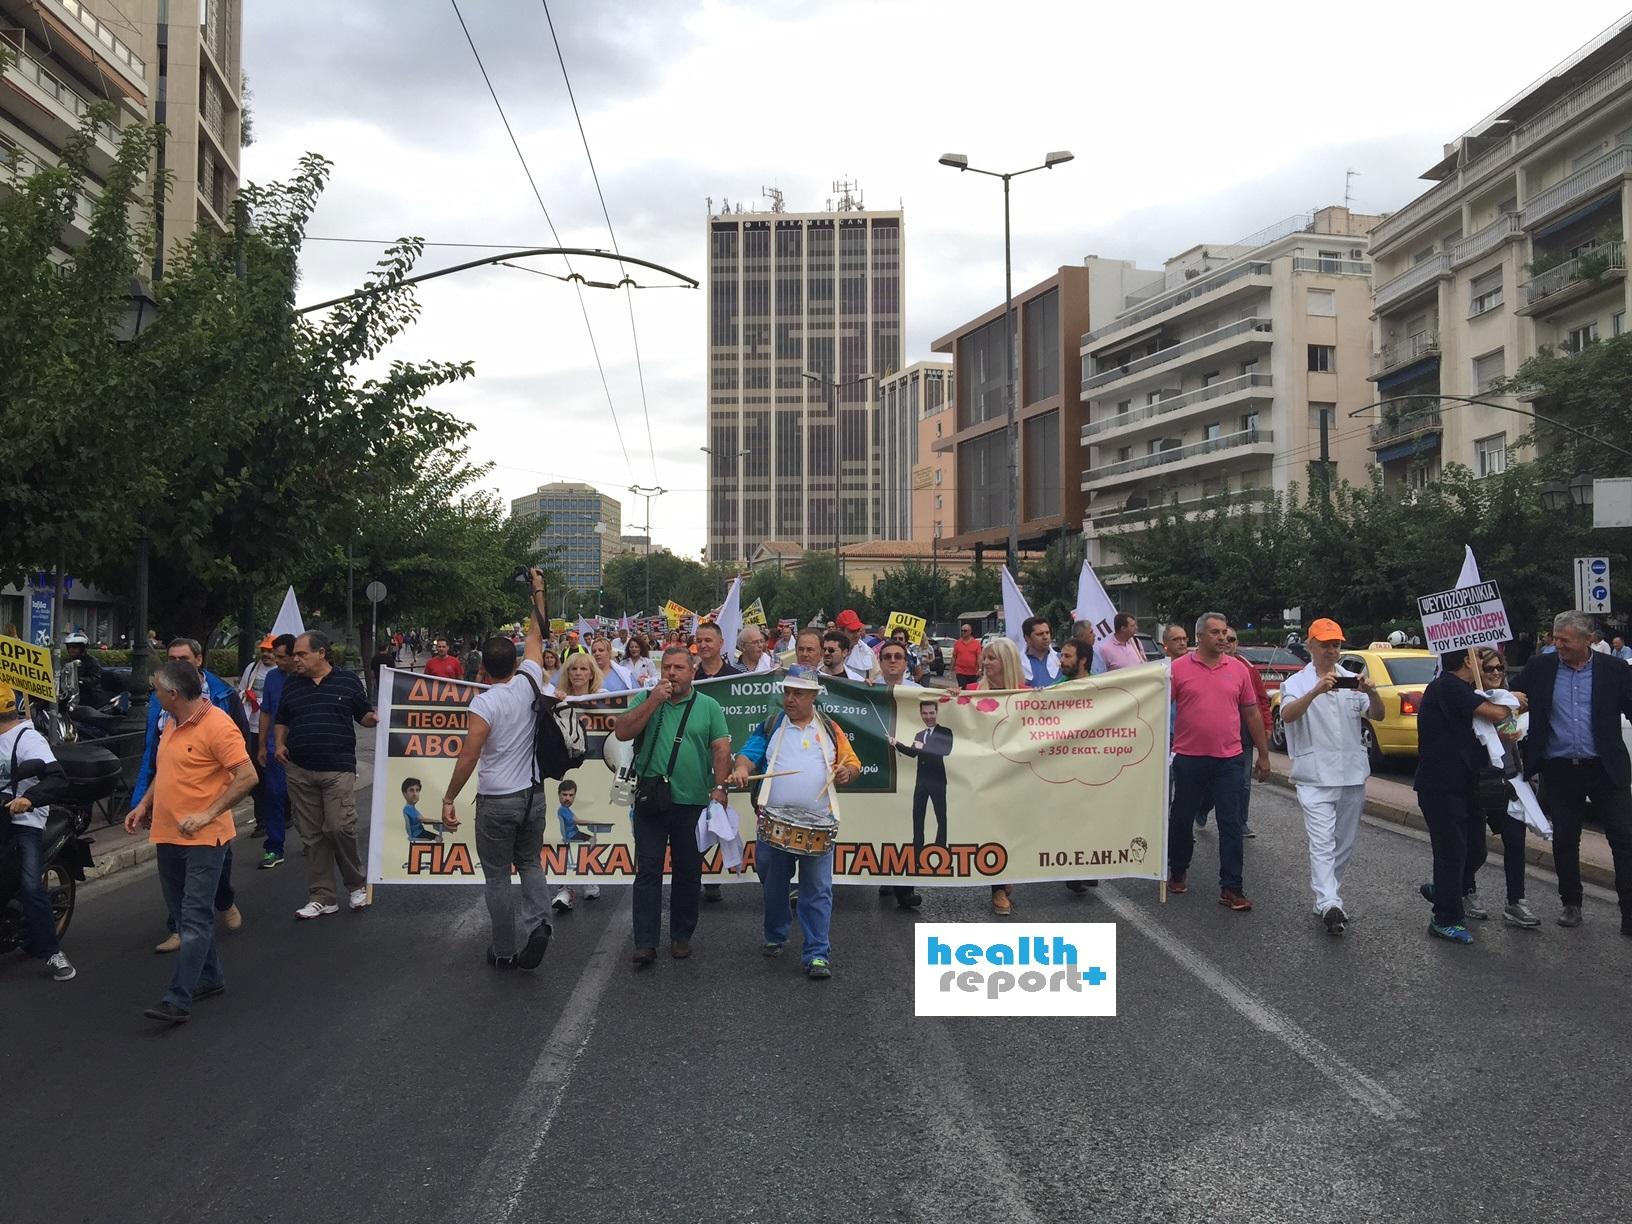 Μετωπική ΠΟΕΔΗΝ με την κυβέρνηση! Συγκέντρωση στο Μαξίμου στις 25 Ιανουαρίου